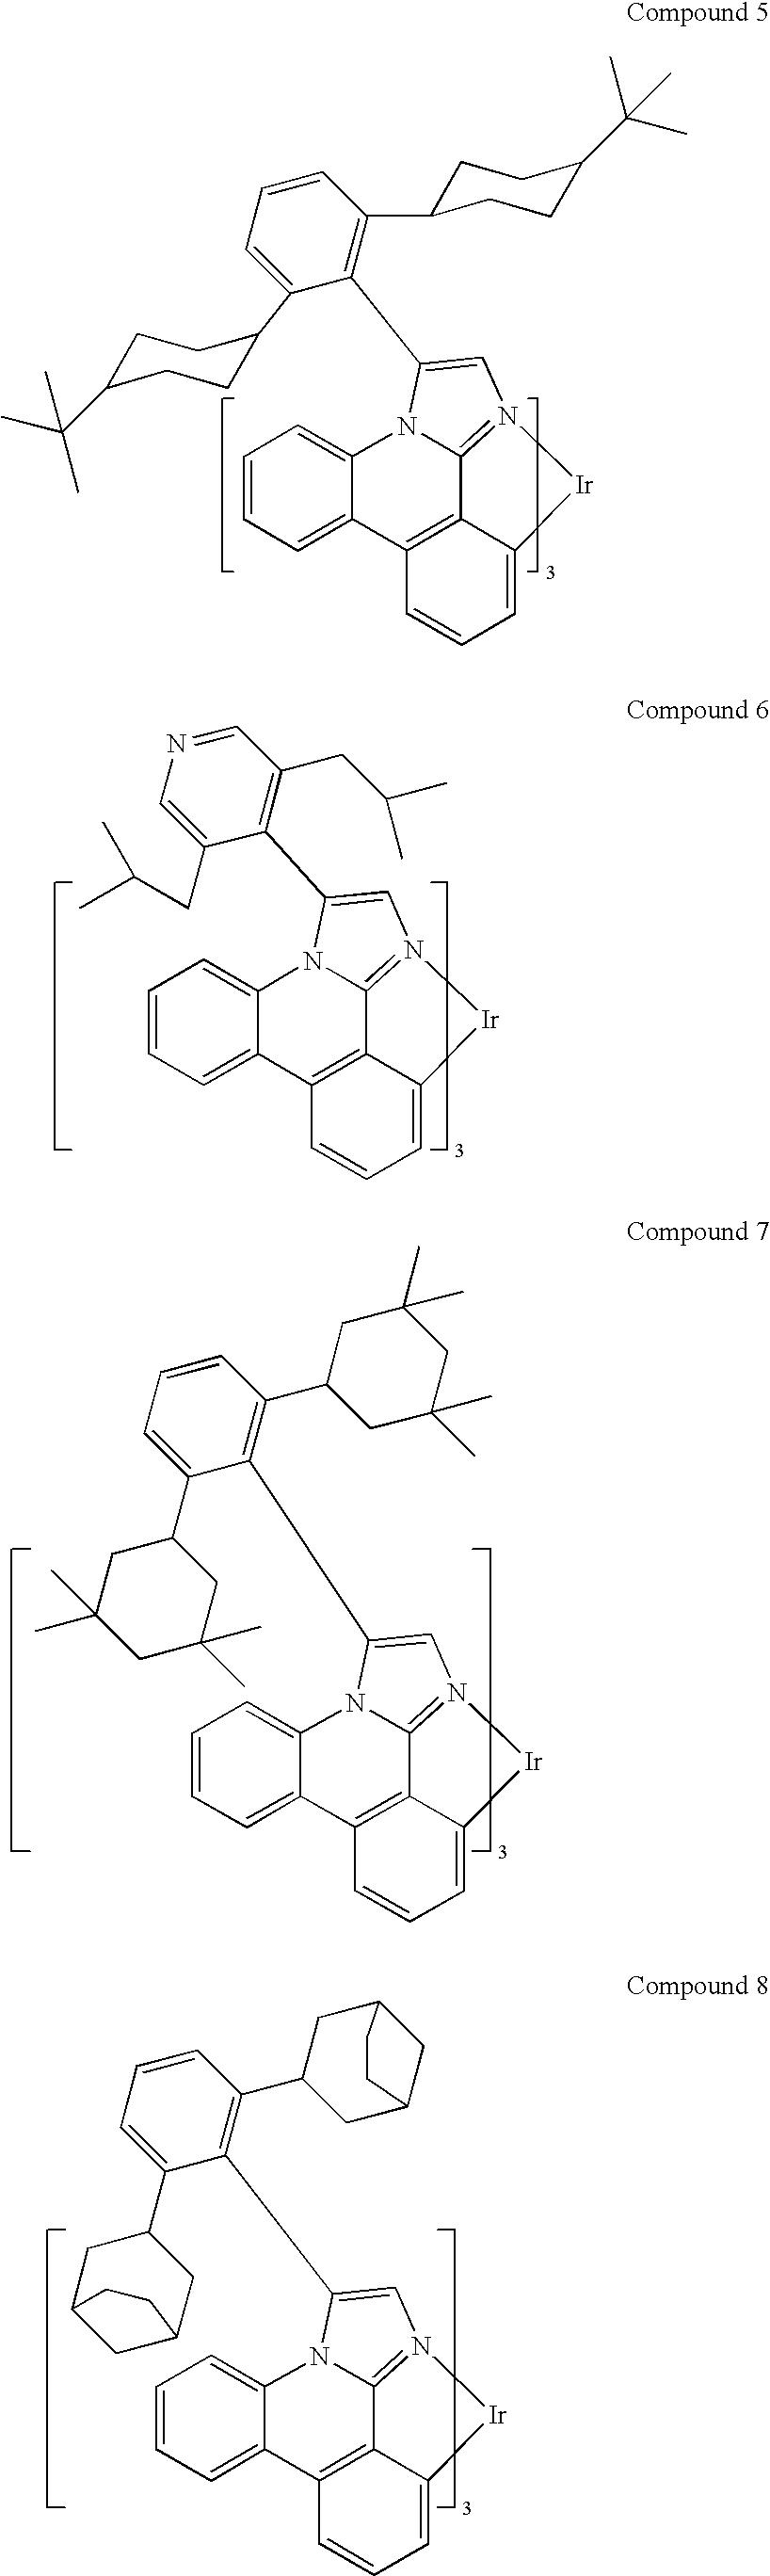 Figure US20100148663A1-20100617-C00018